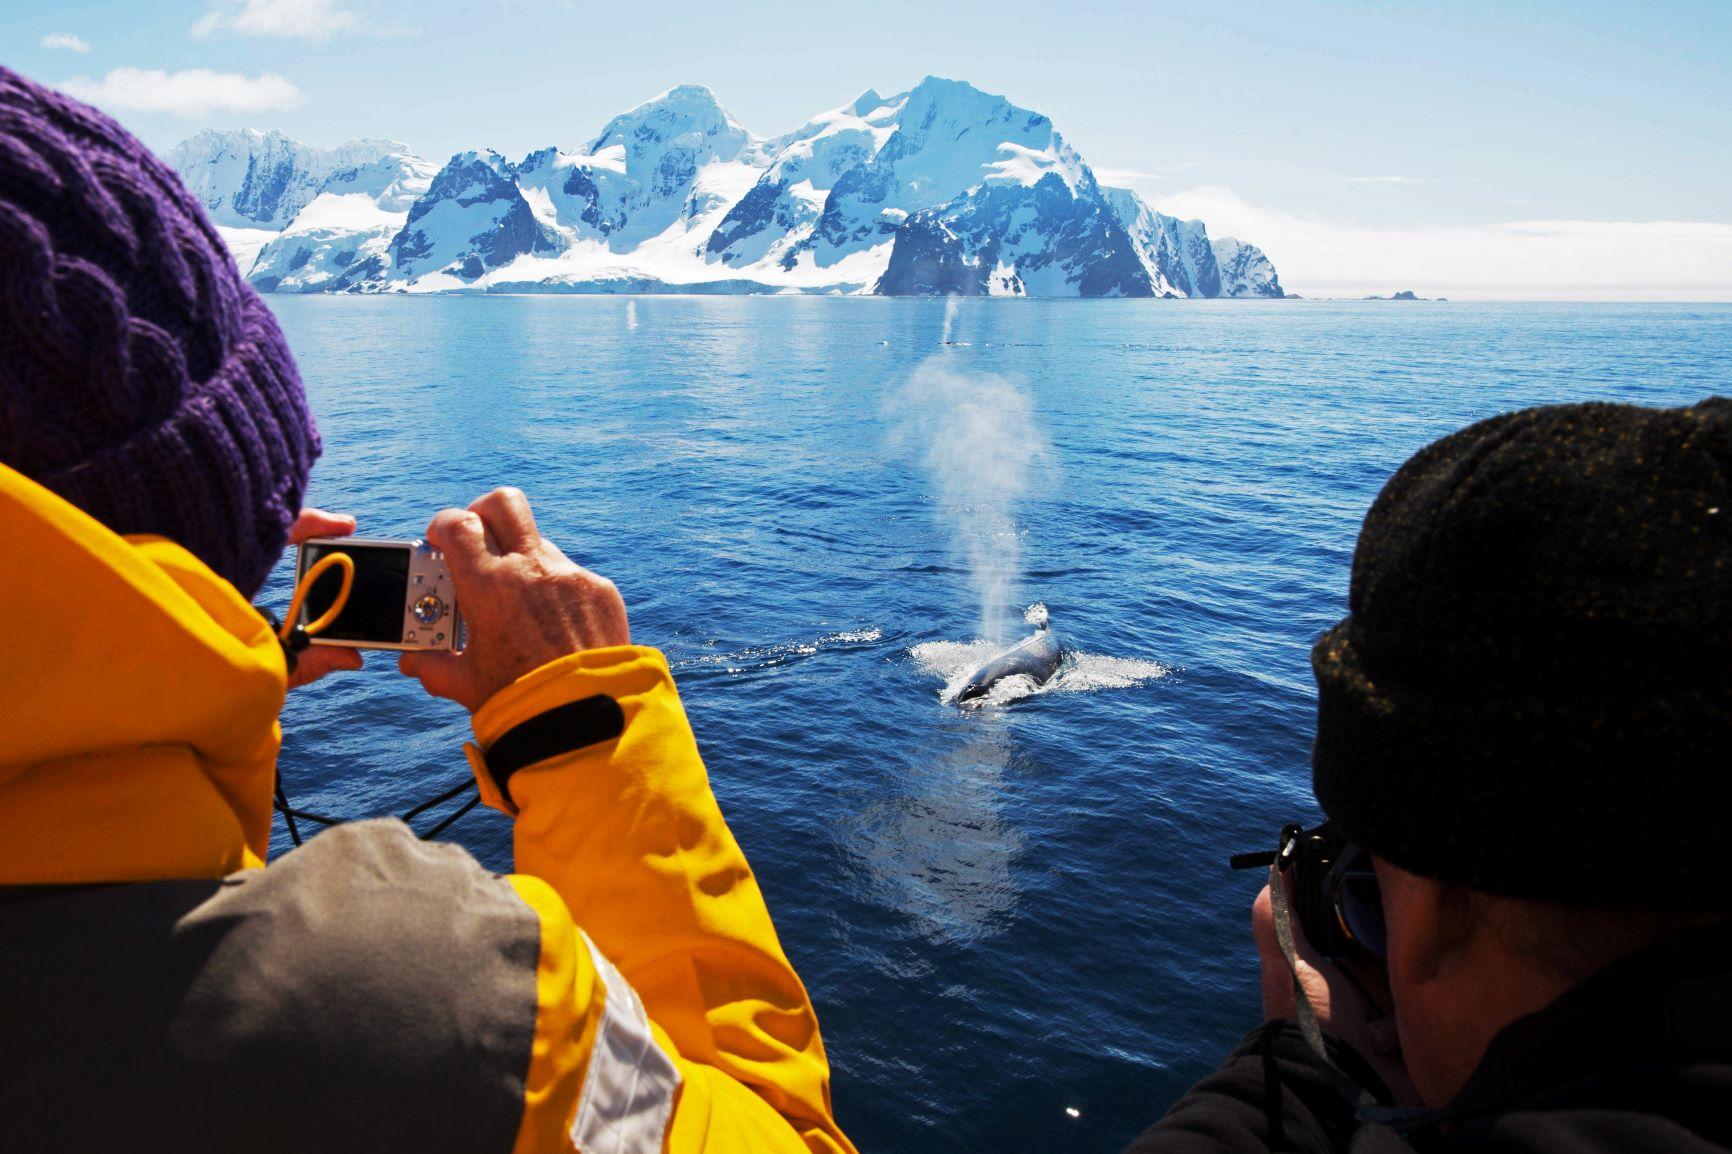 ソディアックボートからザトウクジラを観察